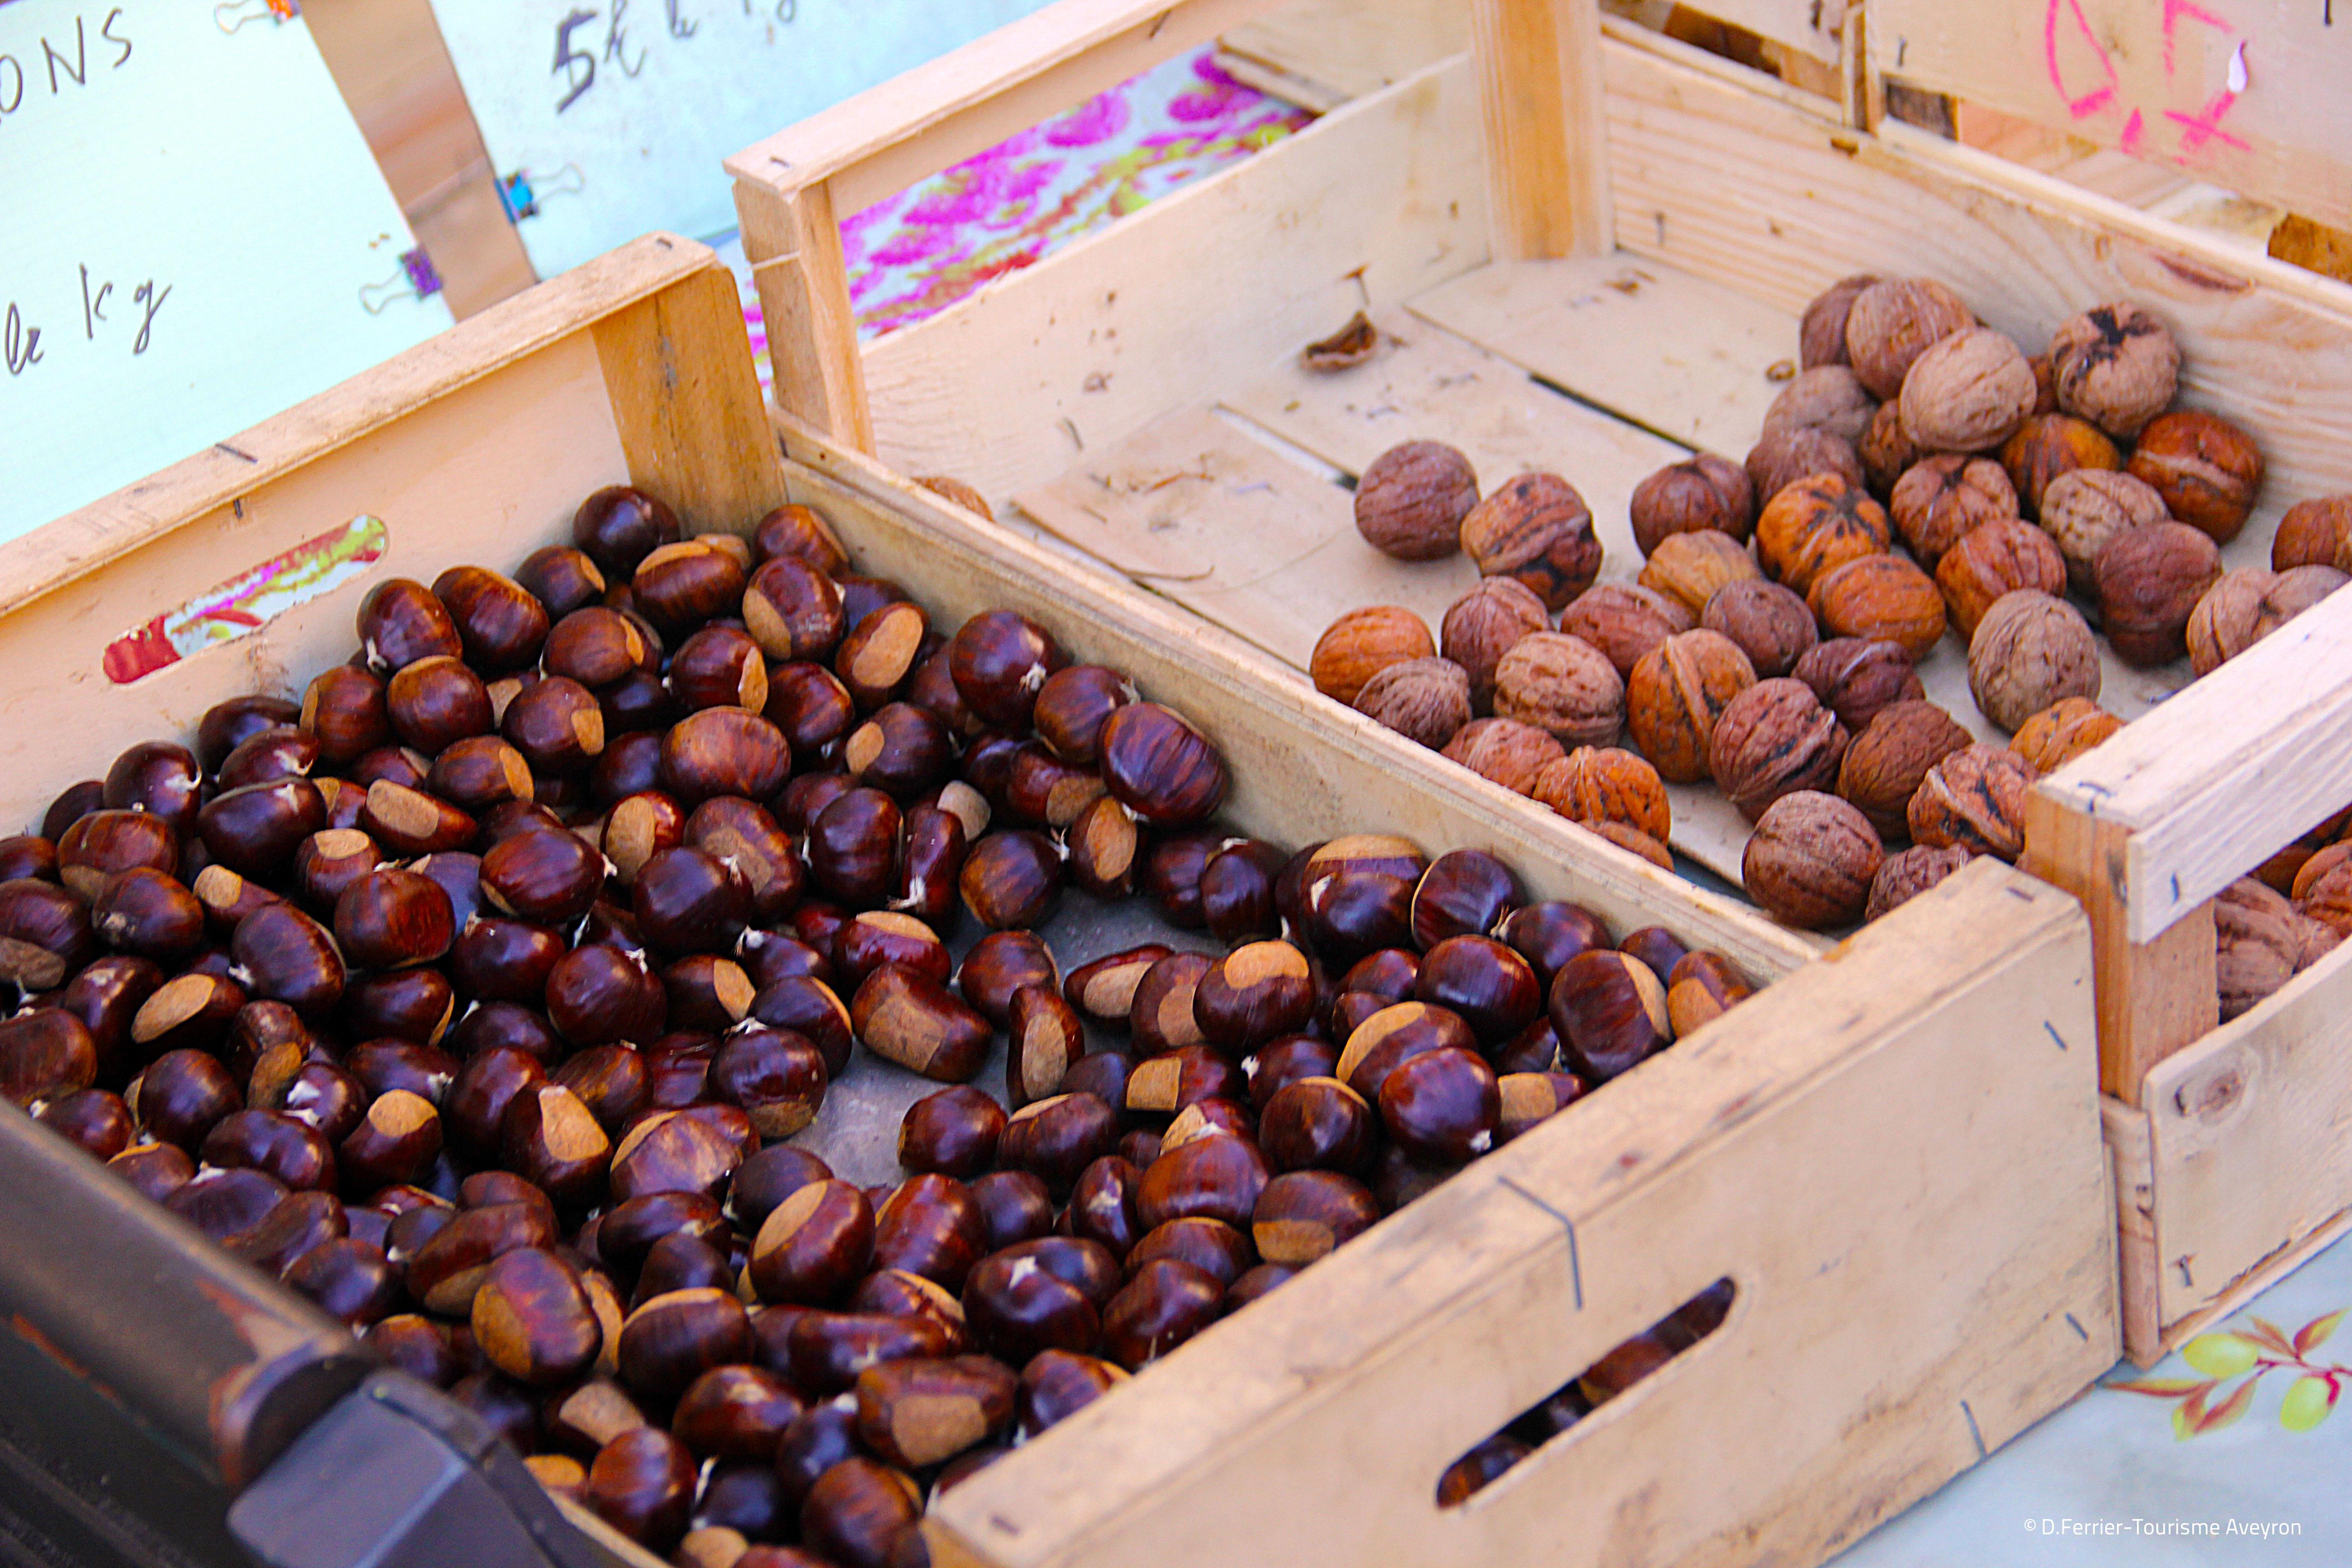 Marrons et noix, marché de Rodez, Aveyron © D.Ferrier - Tourisme Aveyron